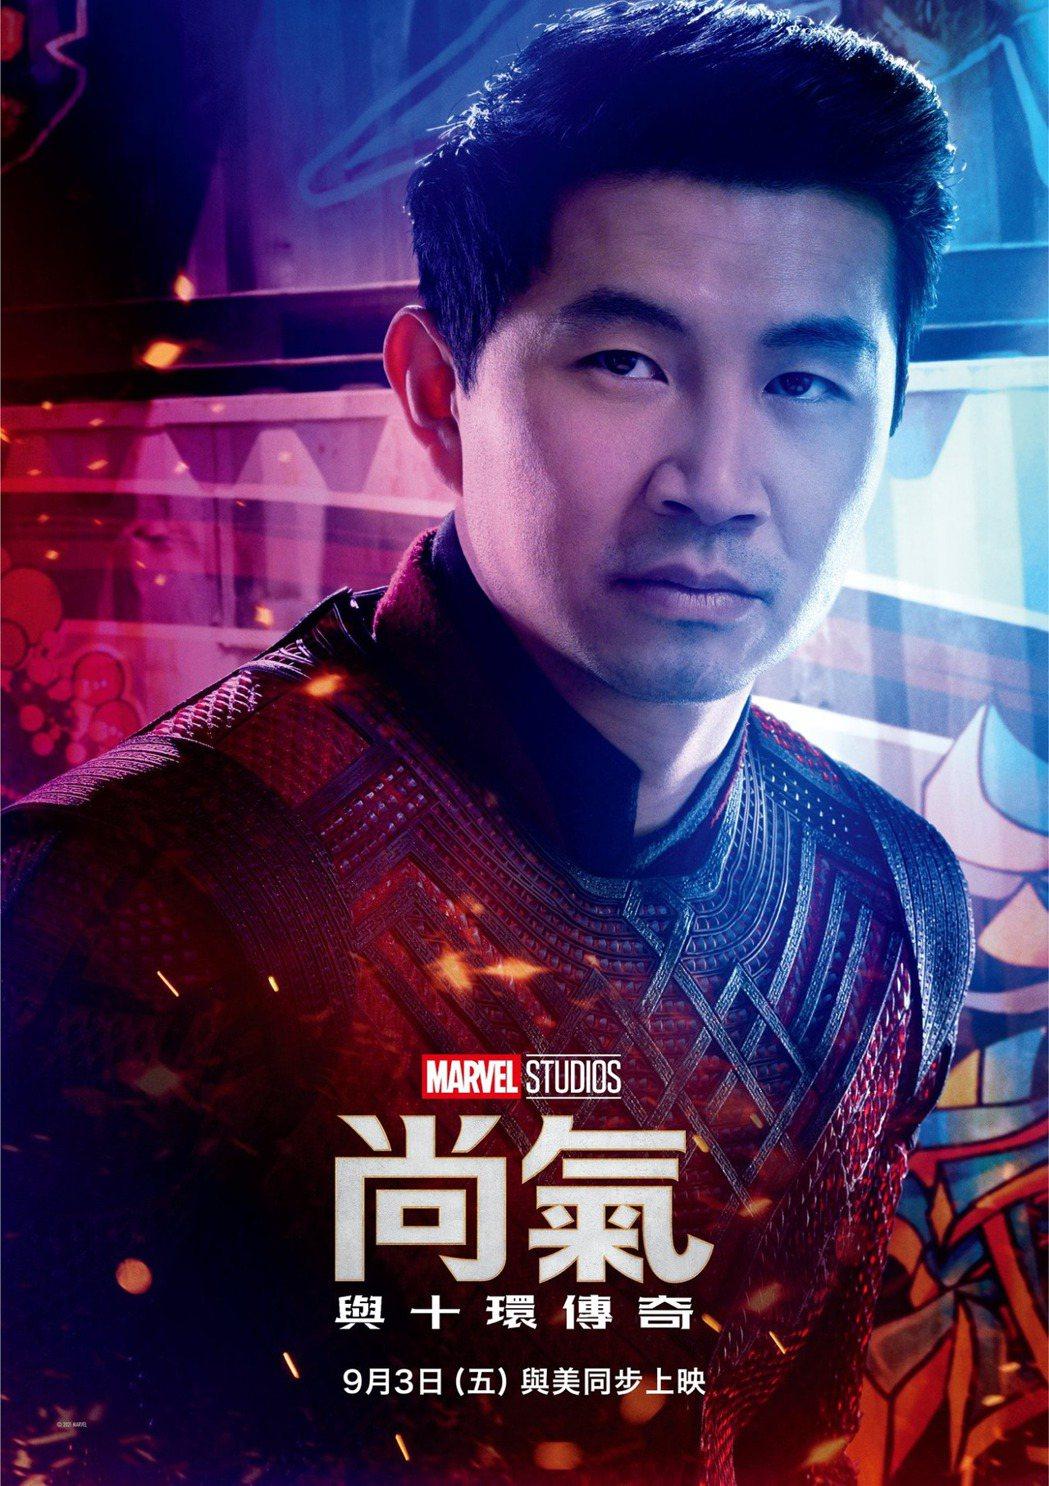 劉思慕主演「尚氣與十環傳奇」將於9月3日在台上映。圖/迪士尼提供